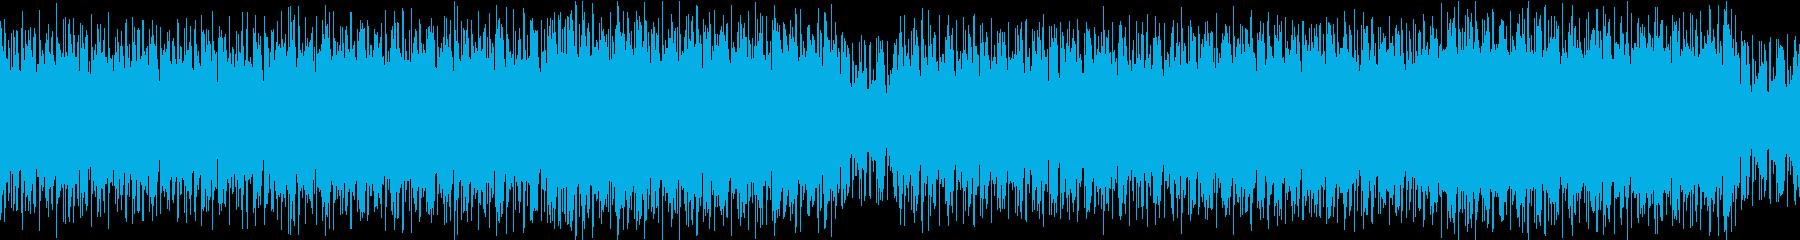 シンセが目立つブレイクビーツの再生済みの波形